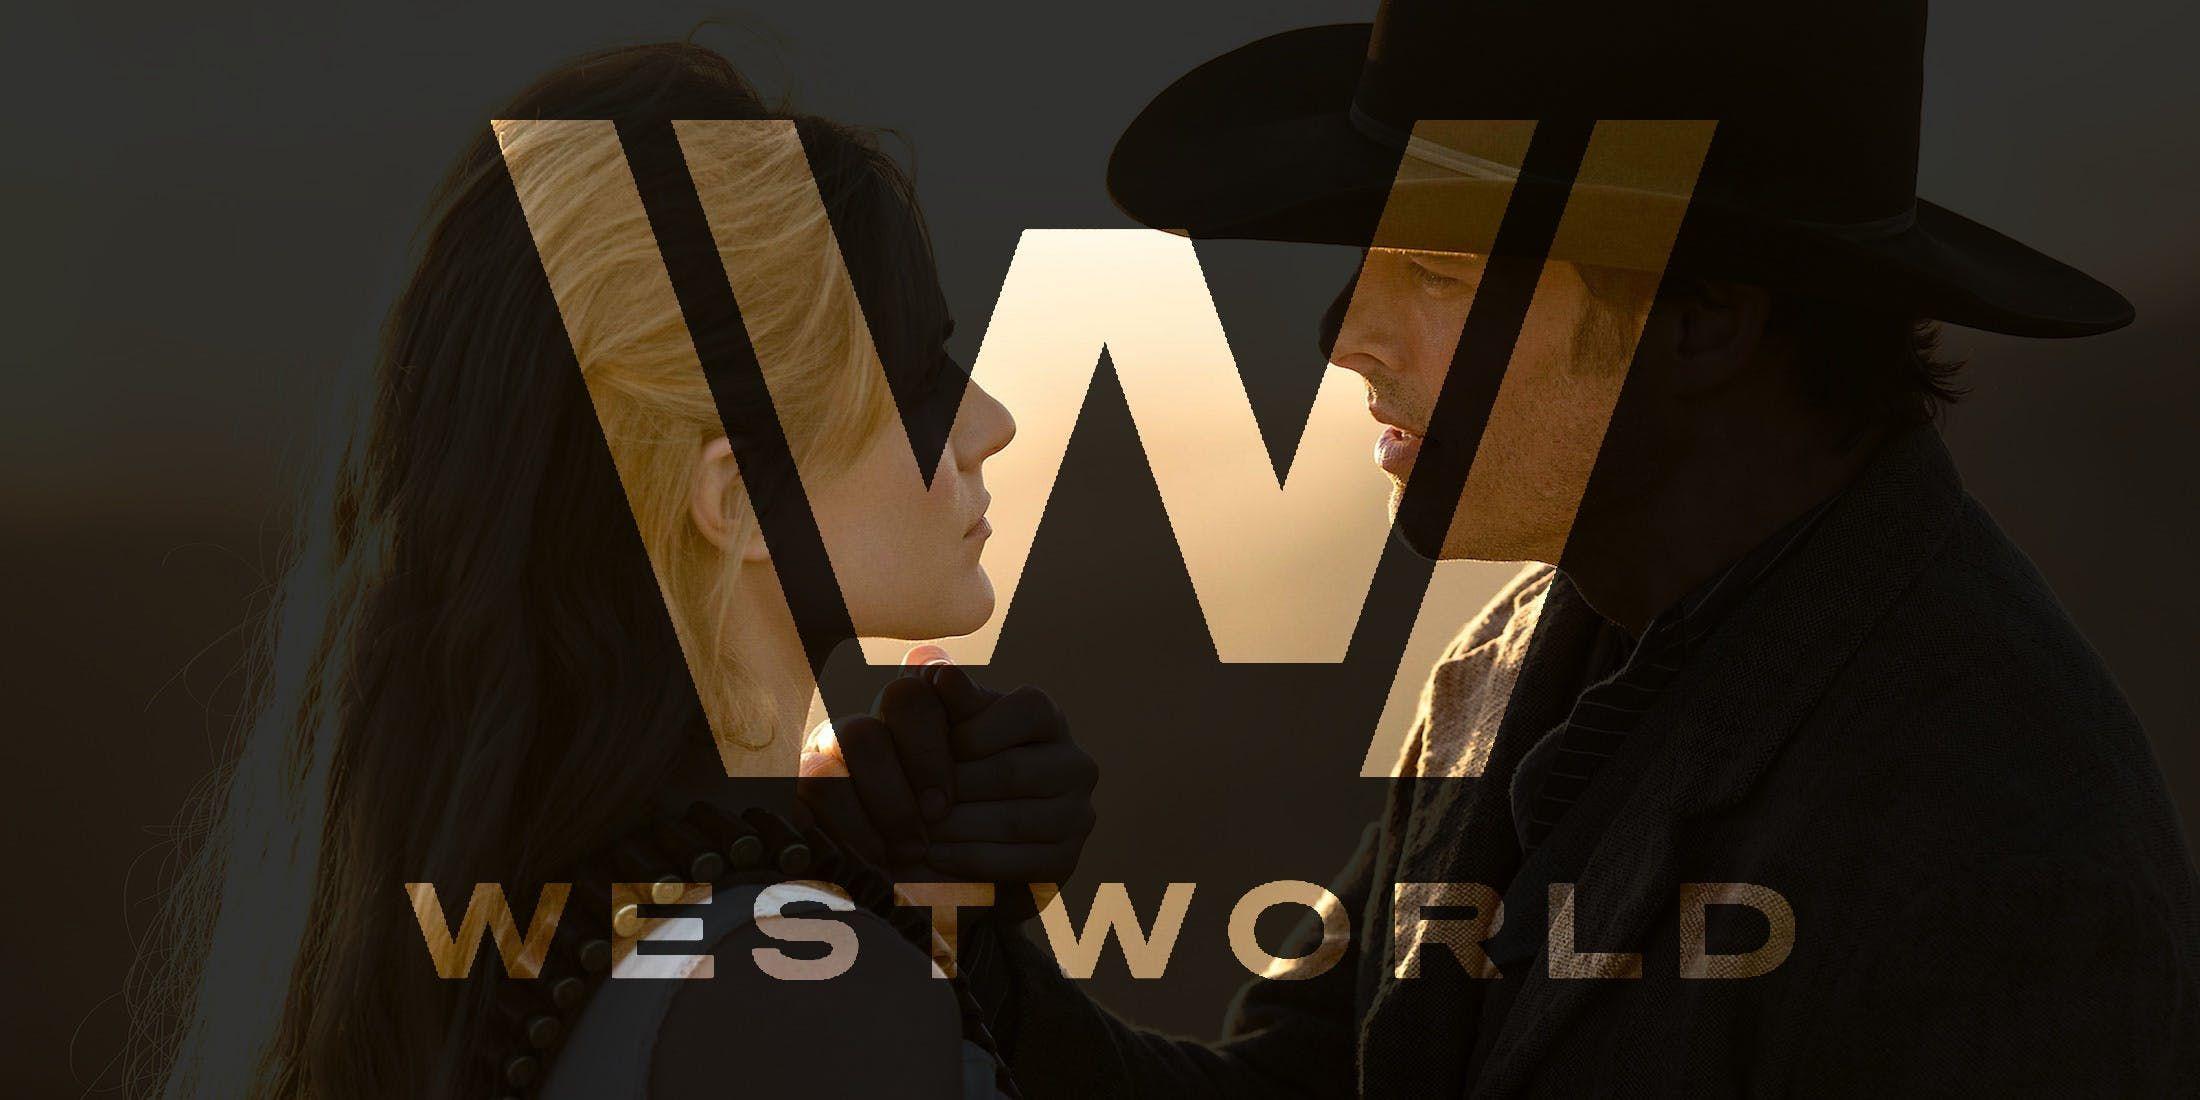 Watch Westworld Season 2 Episode 5 Online Hd Now A Sci Fi Mystery